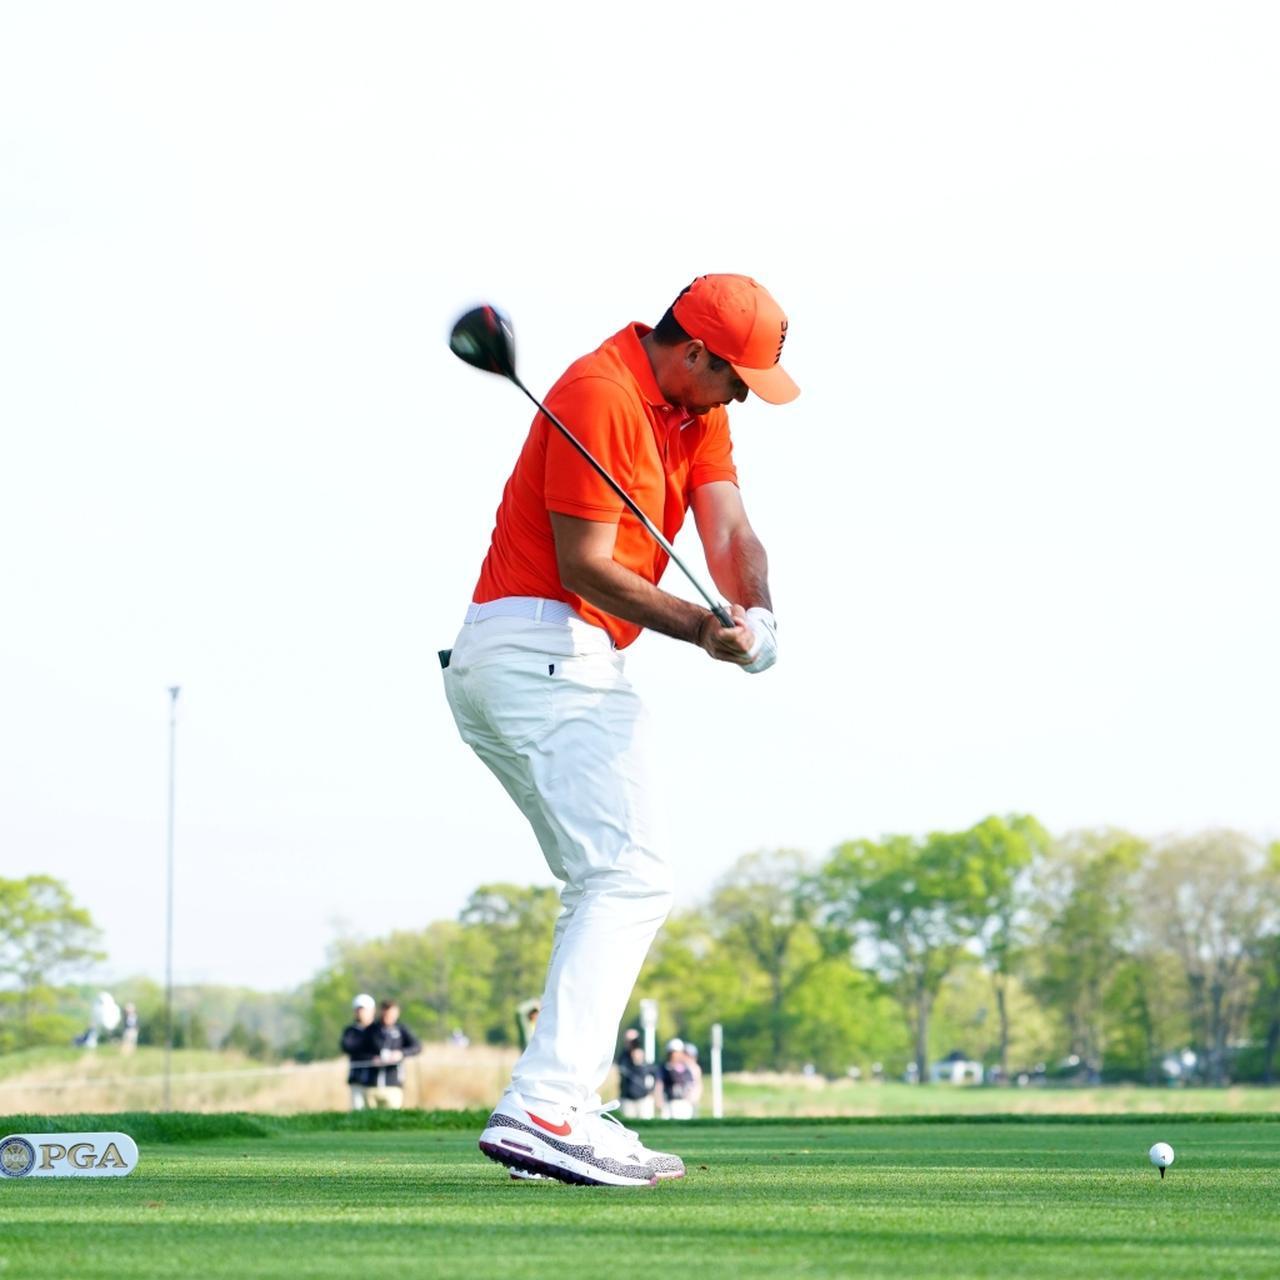 画像22: 【ZOZO選手権】本場PGAツアーがやってくる。解説陣が語る「世界のトップのココを見よ!」タイガー、マキロイ、デイ、バッバ……